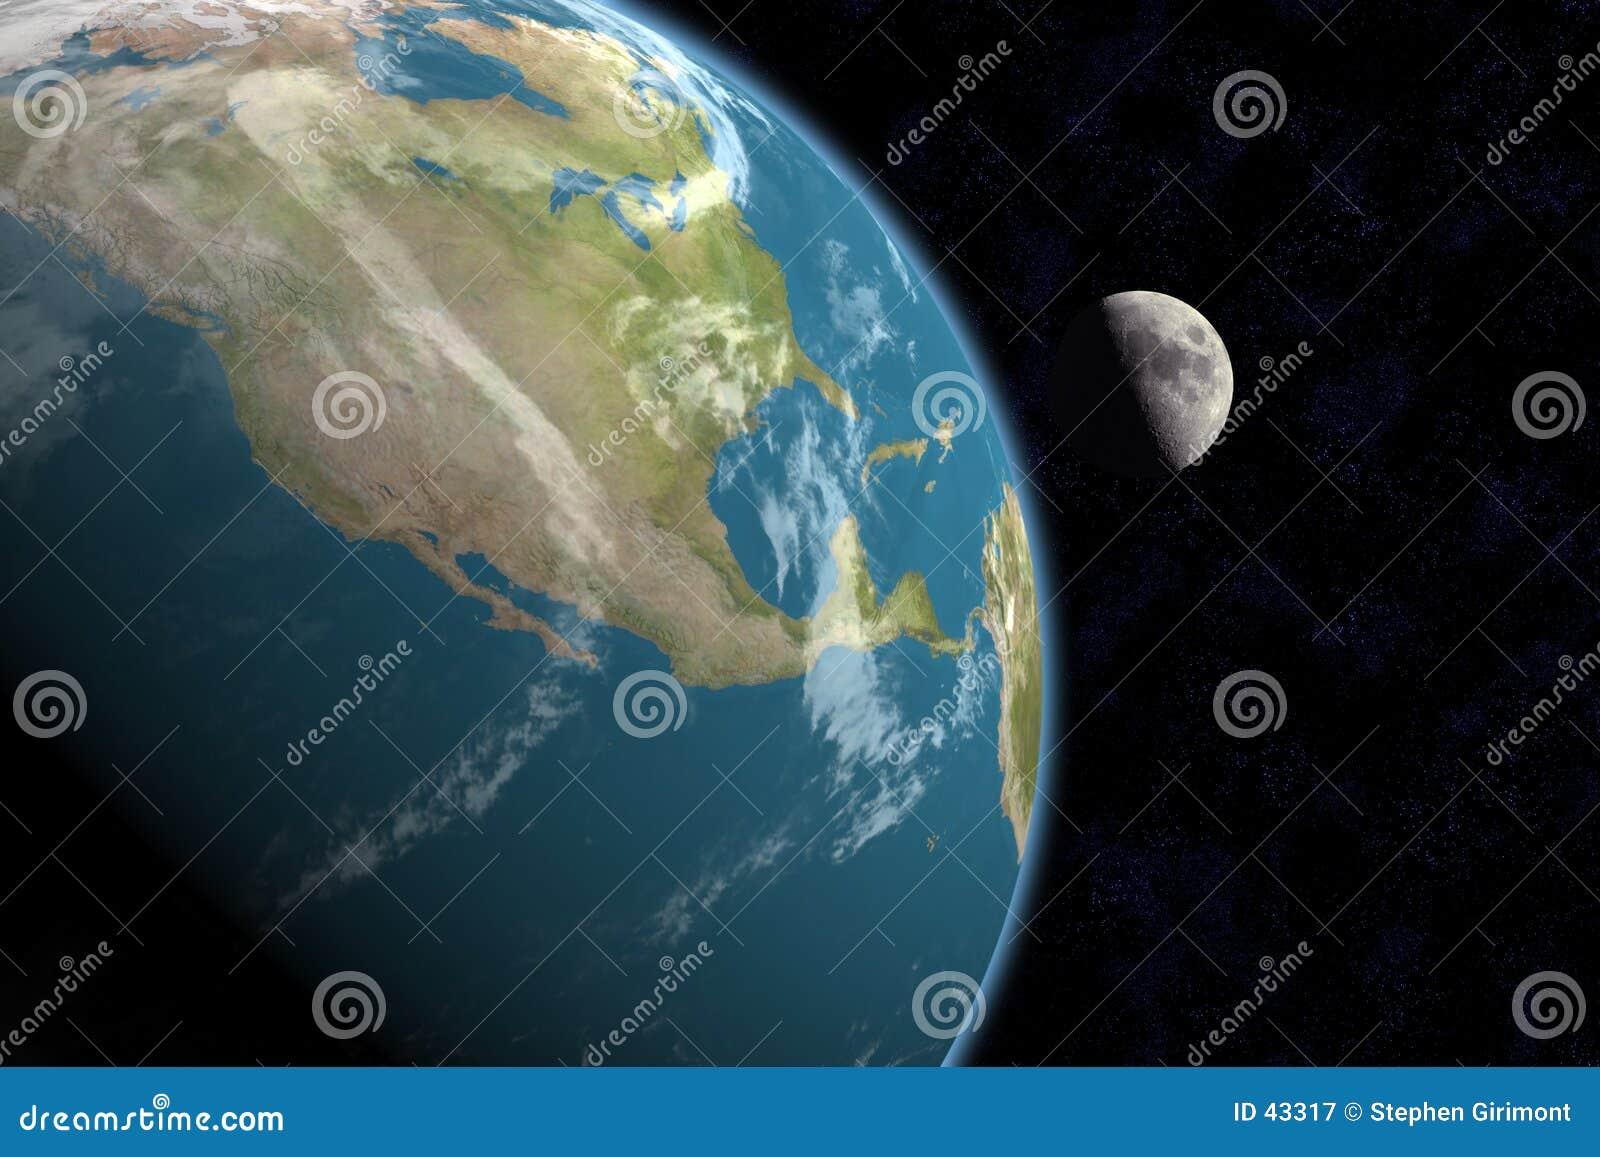 Księżyc na gwiazdy ameryki